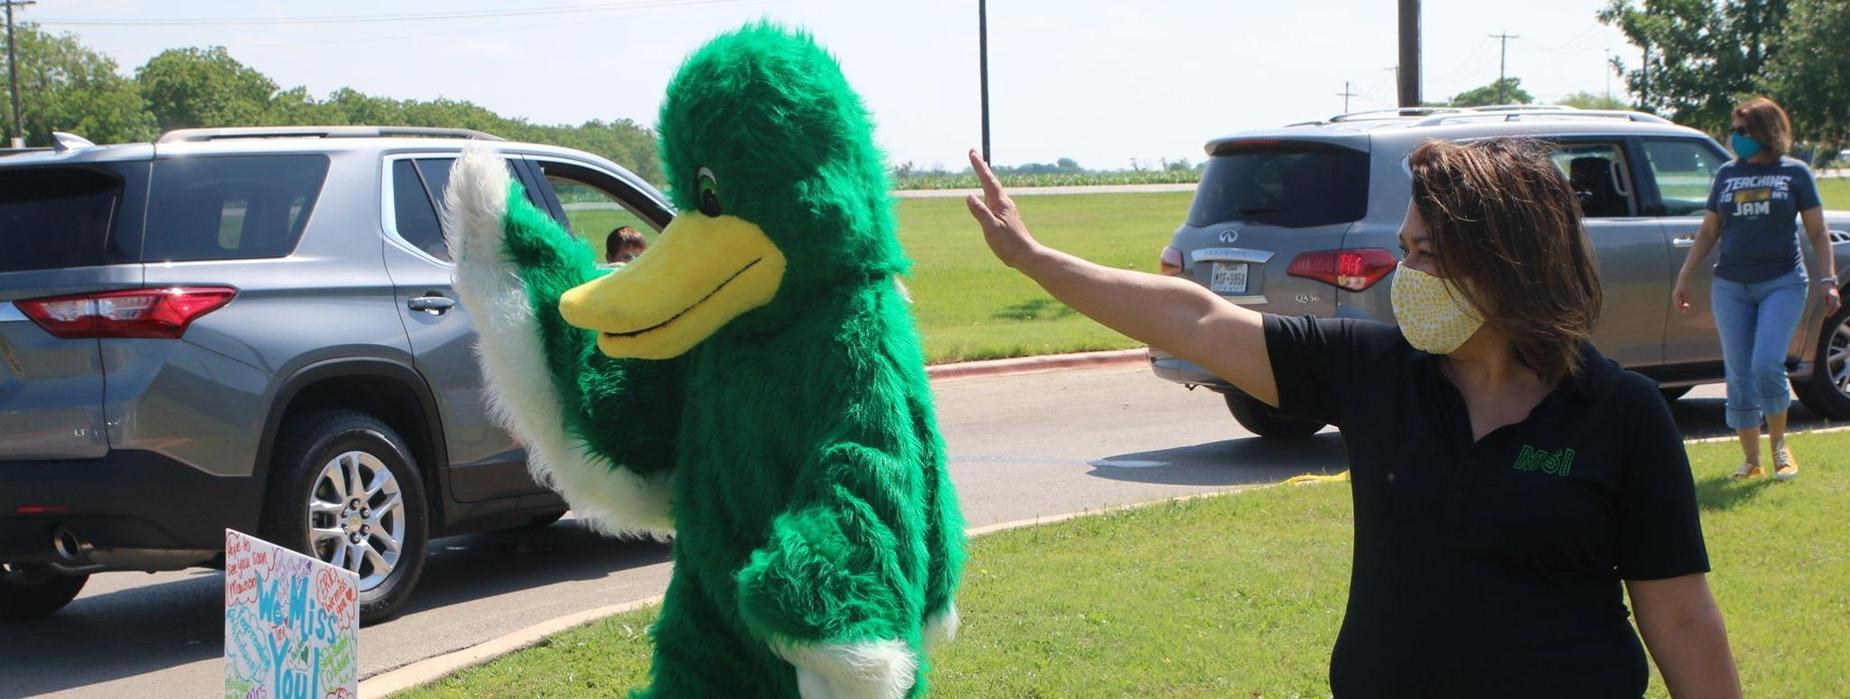 Principal and mascot waving at cars.